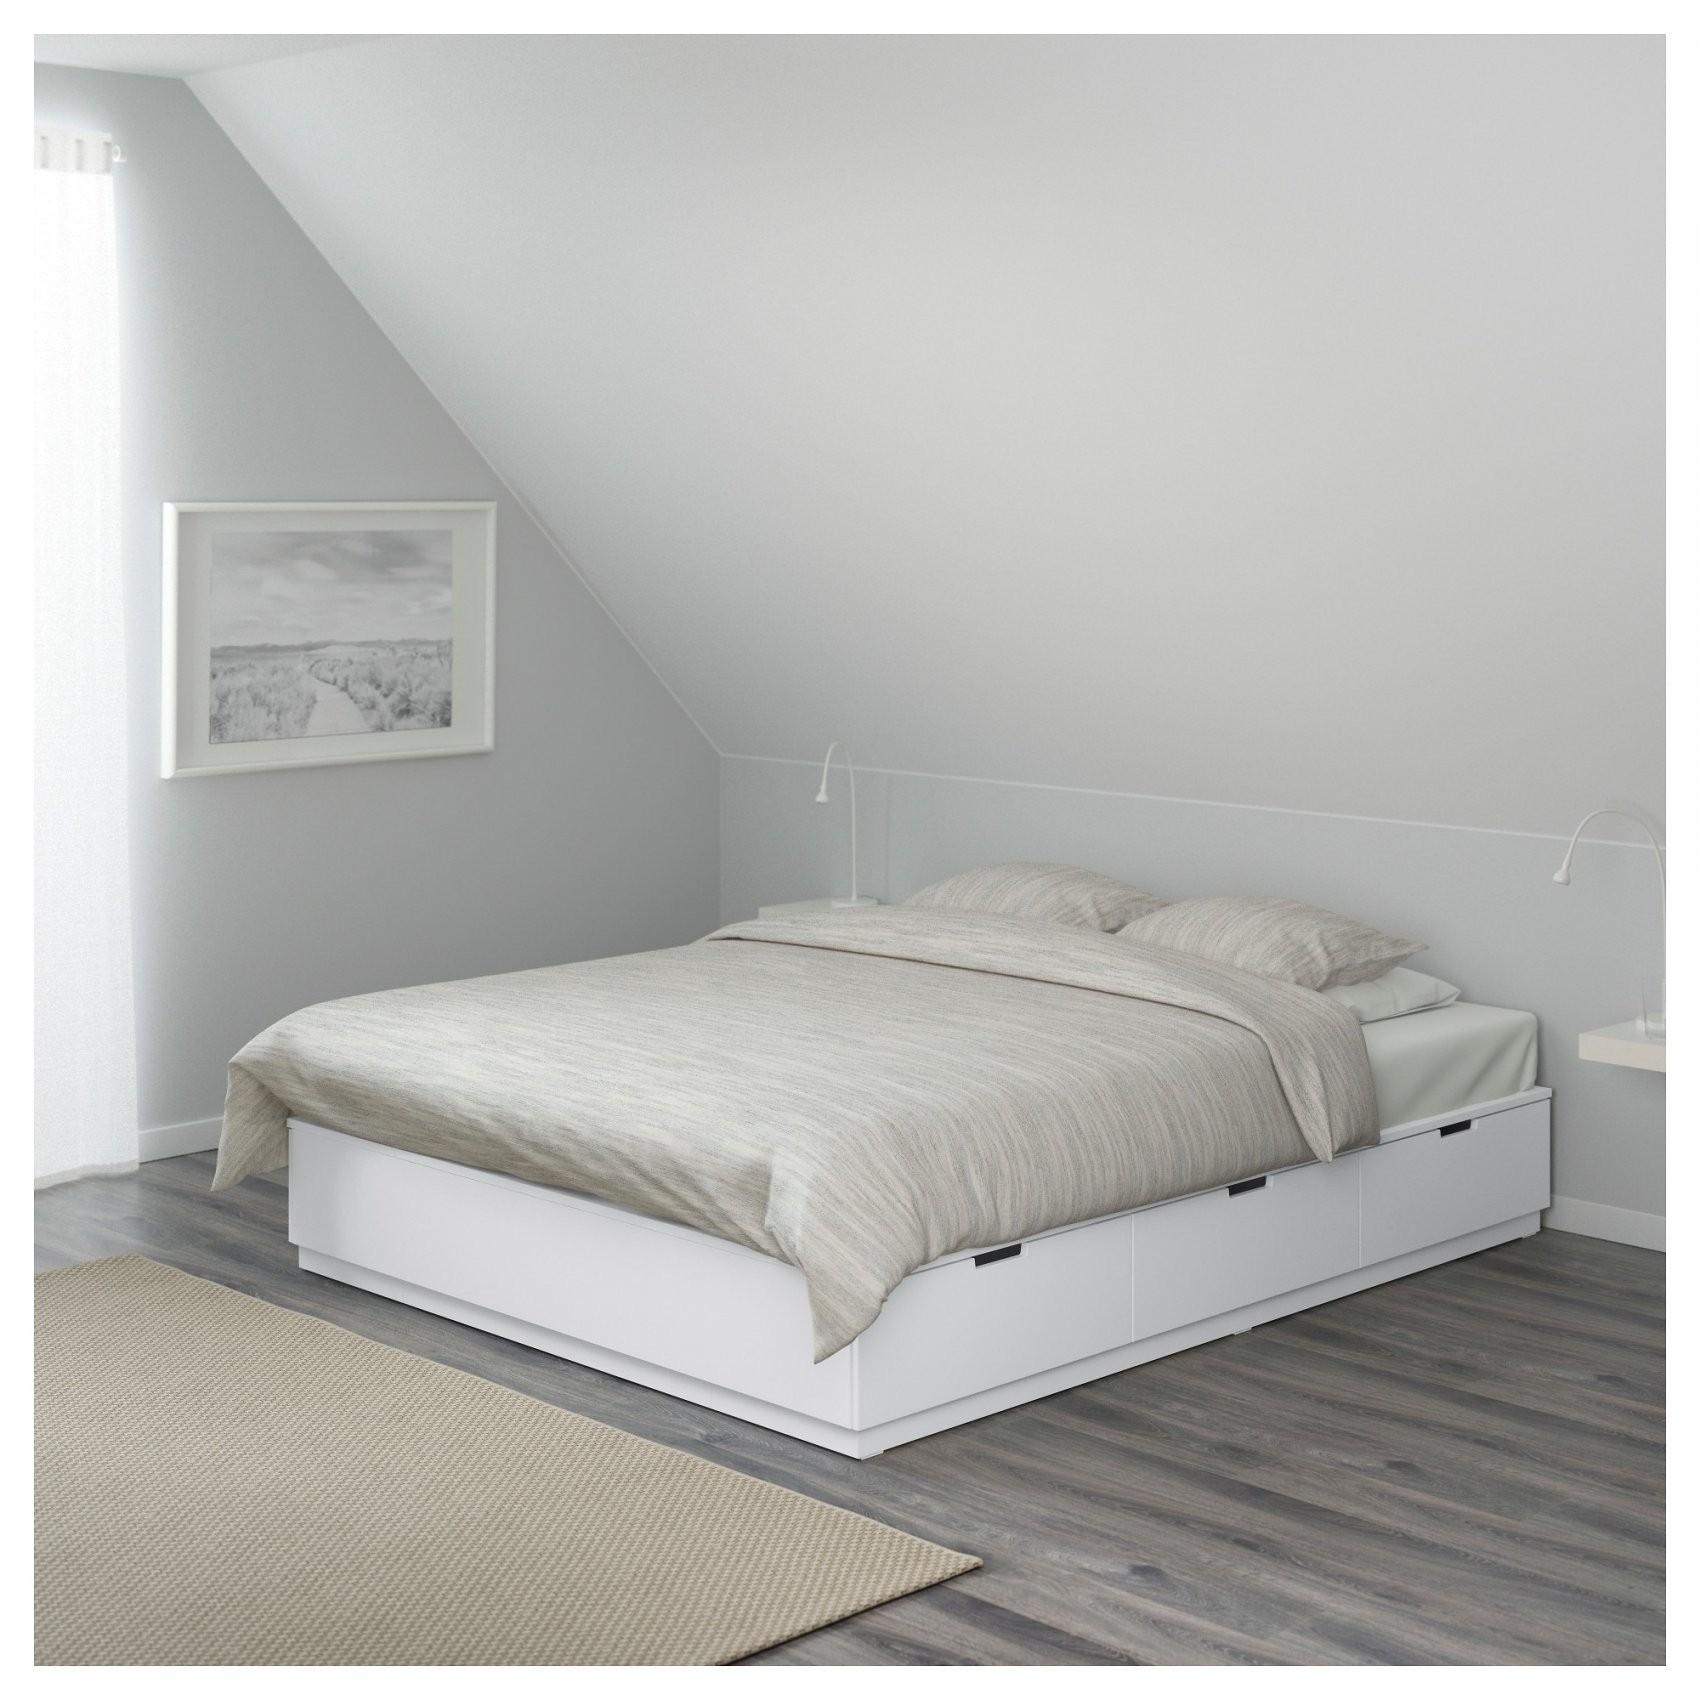 Nordli Bettgestell Mit Schubladen  140X200 Cm  Ikea von Ikea Betten 160X200 Weiss Bild